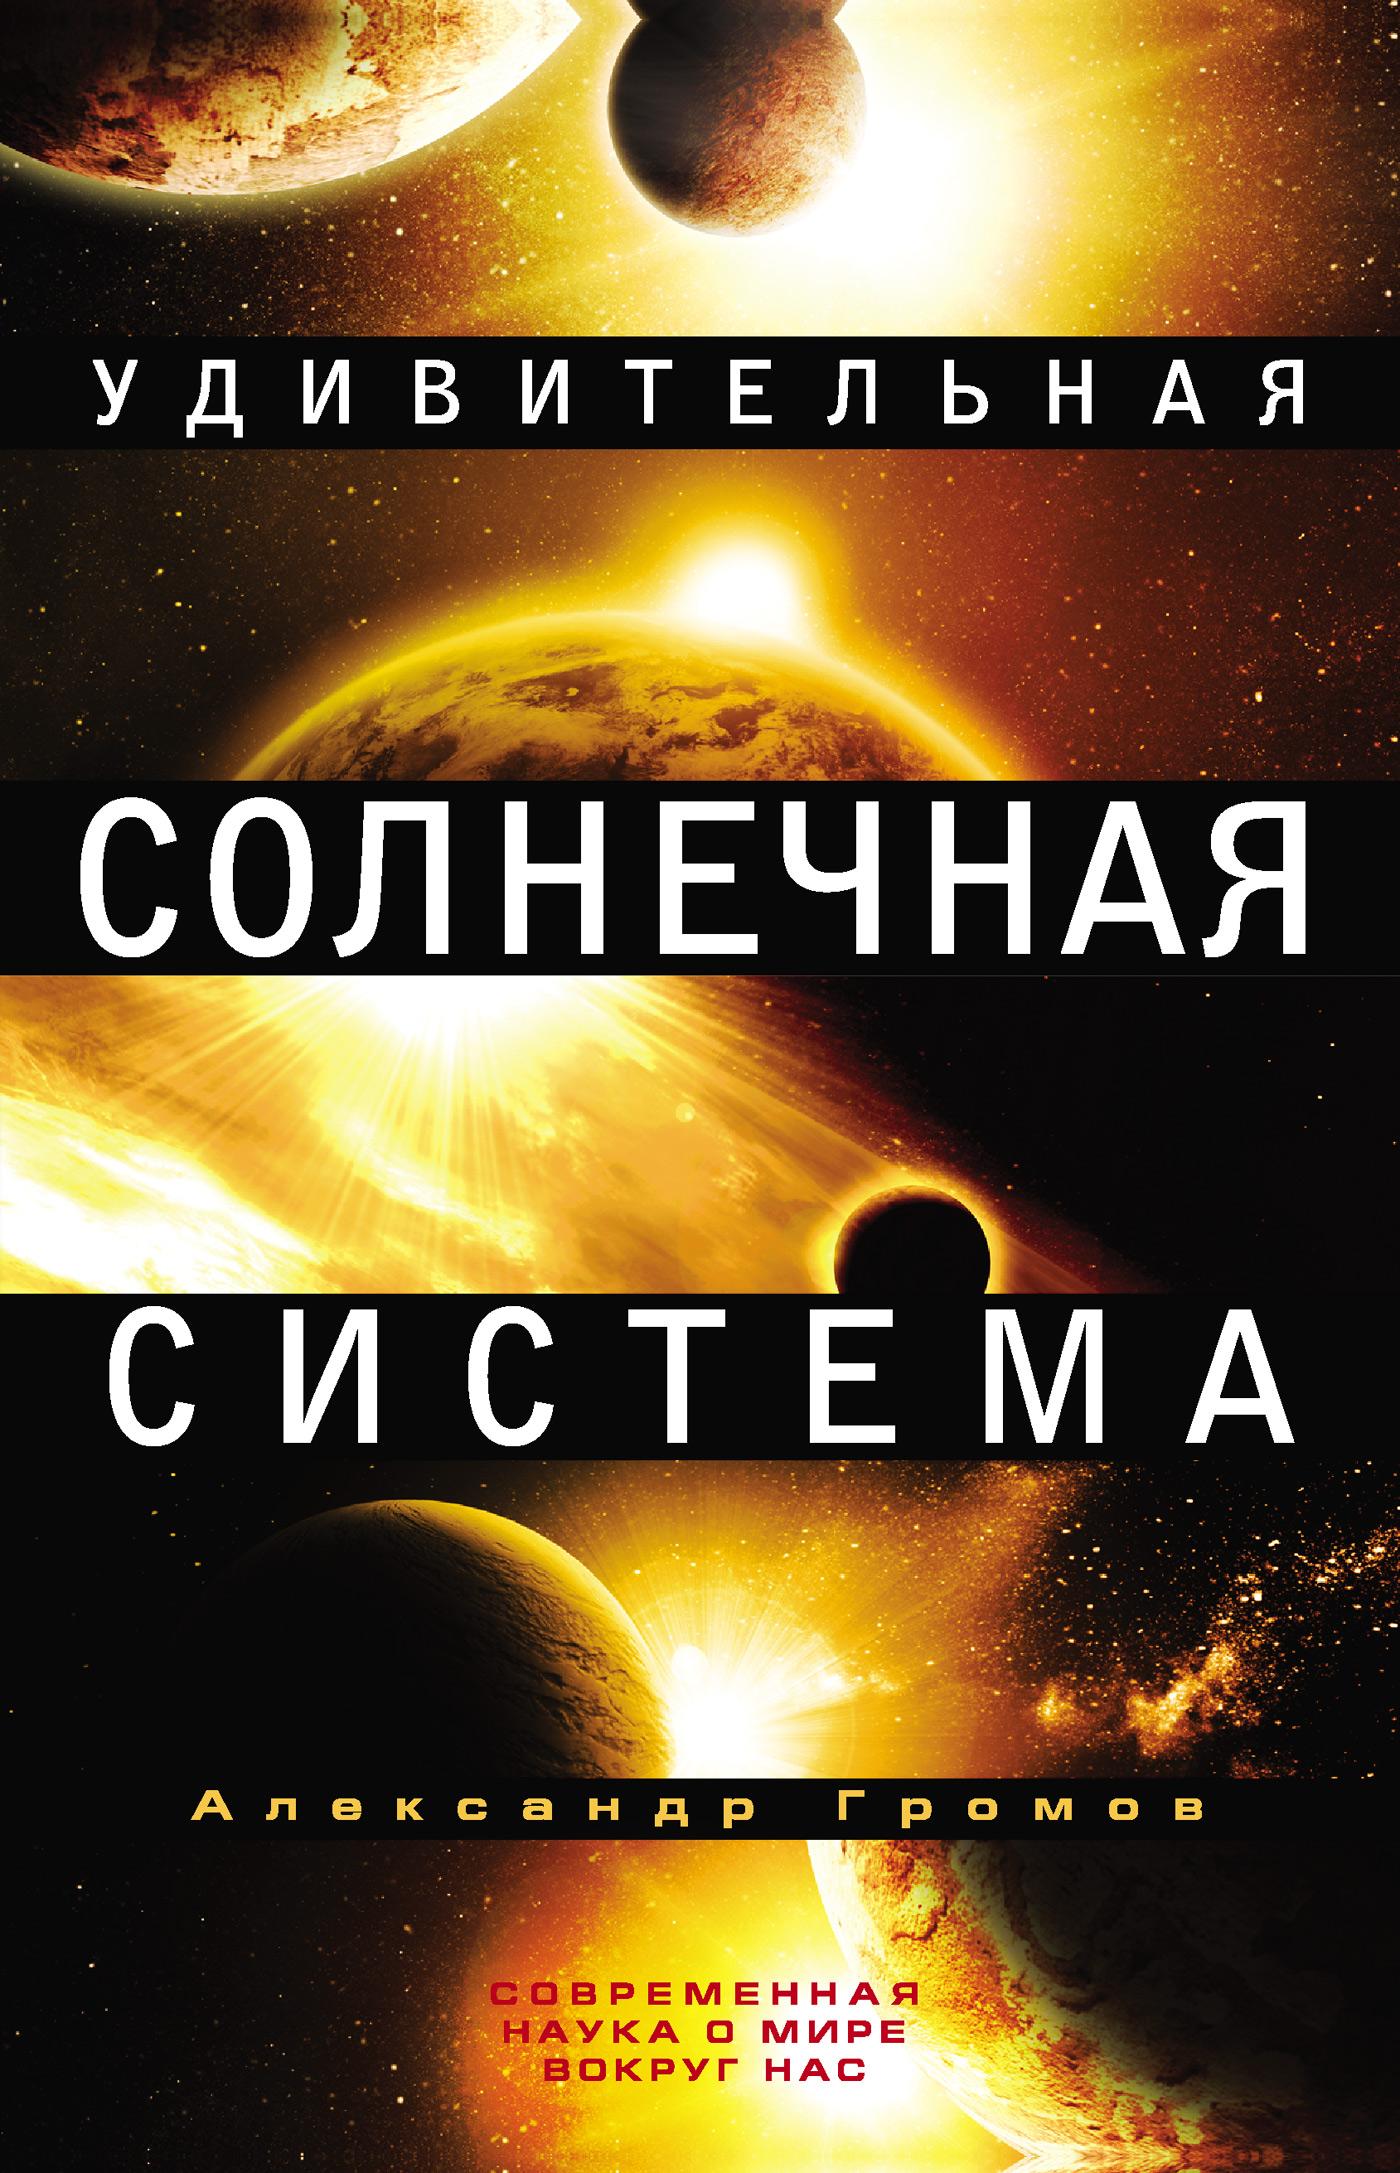 Александр Громов «Удивительная Солнечная система»